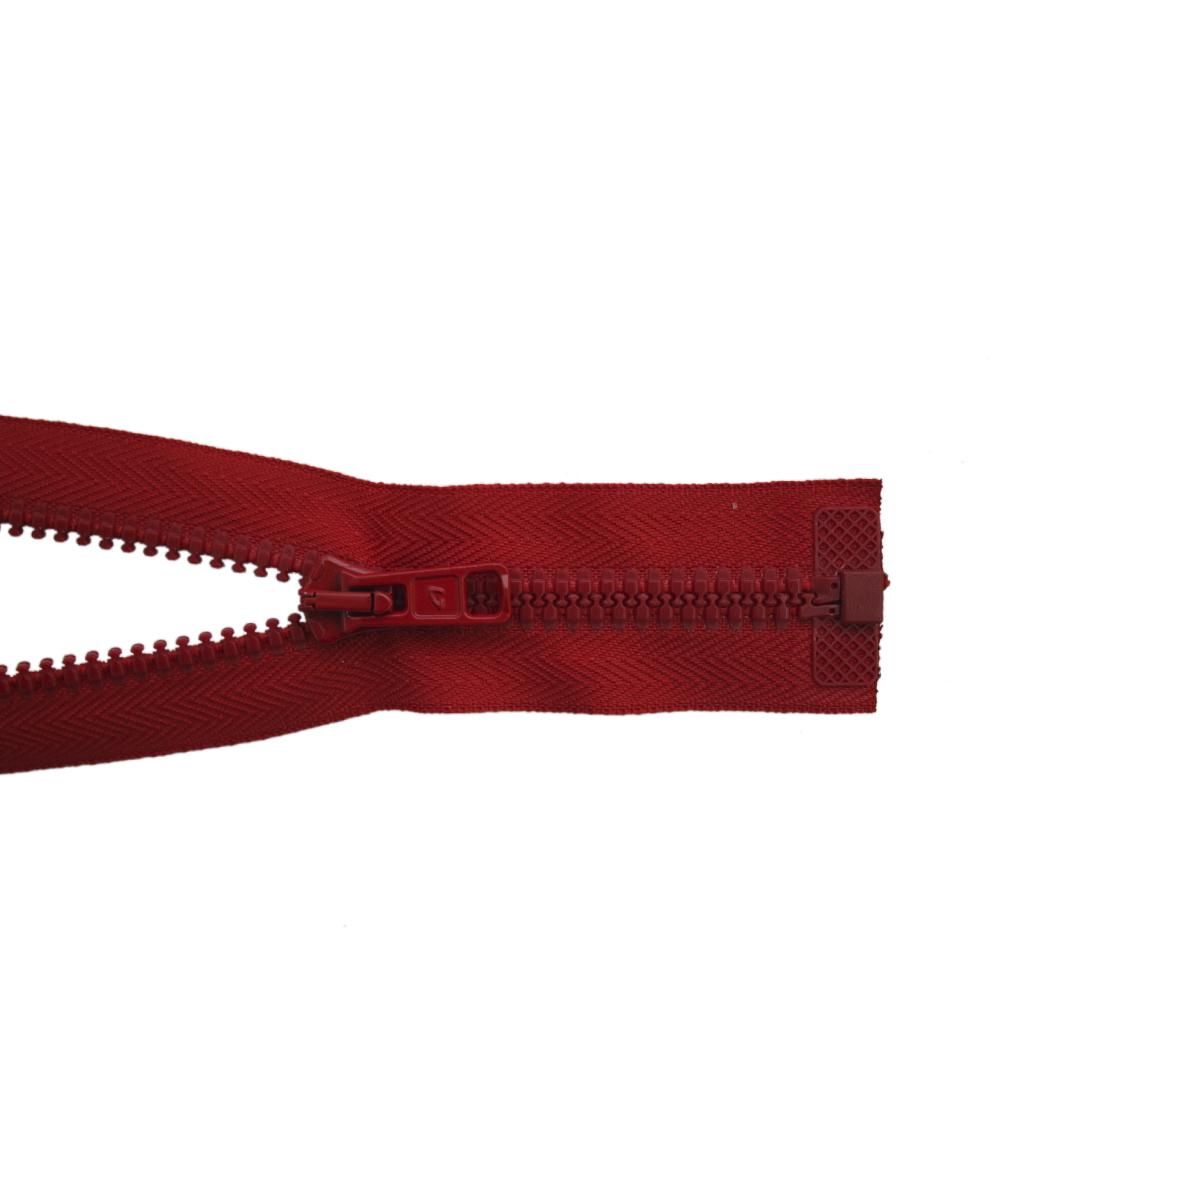 Застежка-молния трактор Arta-F, разъемная (1 замок,Т6) , цвет: красный (008), 35 см19335-008Продукция ARTA-F сертифицирована на Российский, Британский и Латвийский стандарт. Фурнитура ARTA-F изготавливается из европейских материалов, на современном оборудовании, в соответствии с высокими требованиями стандартов. Вся продукция фабрики проходит тесты на качество.Звено застежки-молнии Экстра имеет боковые приливы, которые исключают контакт замка с текстильной лентой, а сокращенный до минимума зазор между замком и приливами звена предохраняет от возможности попадания в замок подкладки, меха, нитей. В то же время эти меры повышают прочность застежки при высоких нагрузках, особенно на изгиб. Применение таких приливов на молниях ARTA-F не только повышает эксплуатационные качества застежки, но и увеличивает прочность крепления звена к ленте, и продлевает срок службы застежек-молний ARTA-F. Такая застежка-молния безопасна, легка в использовании и не повредит одежду.